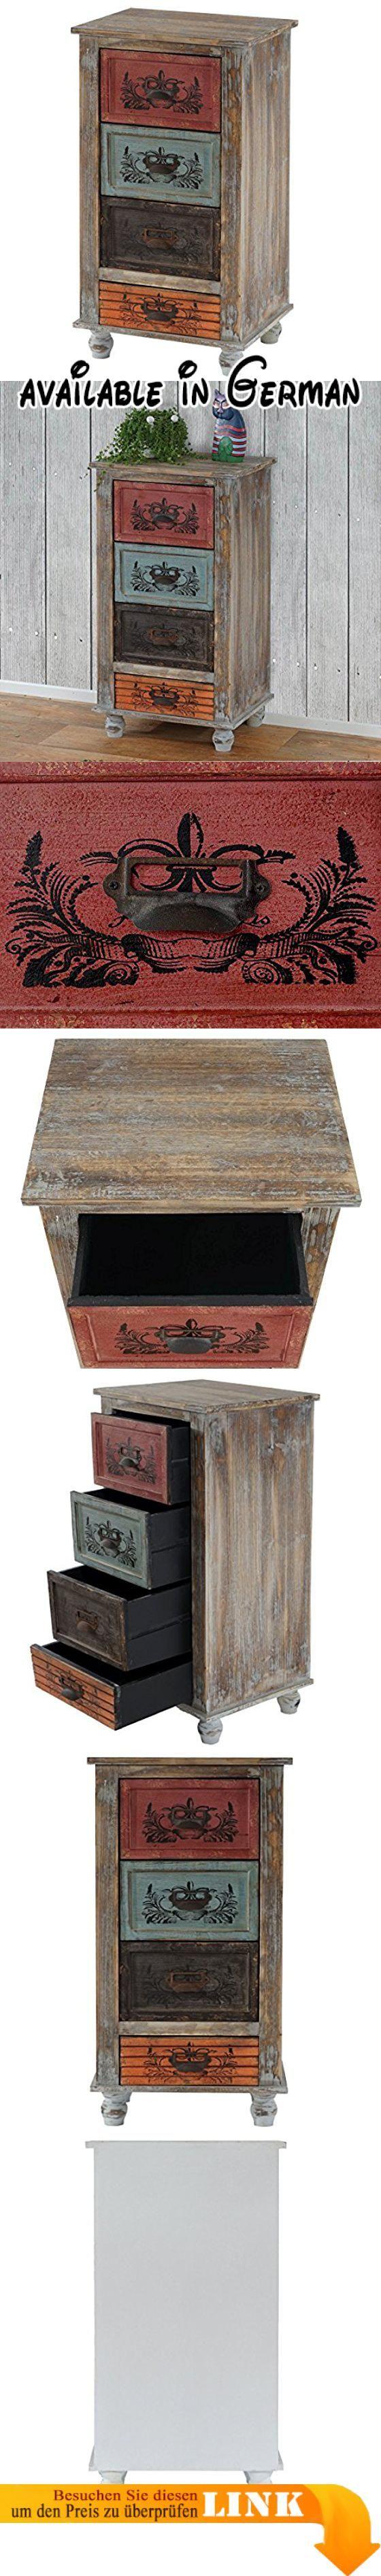 B00P82SELW : Kommode Vigo Schubladenkommode Schrank Shabby-Look Vintage 79x43x33cm. Kommode mit 3x große und 1x kleine Schublade. Komplett fertig montiert. Verschiedene Stempelmotive. Schubladengriffe im Rost-Look. Schubladen aus MDF